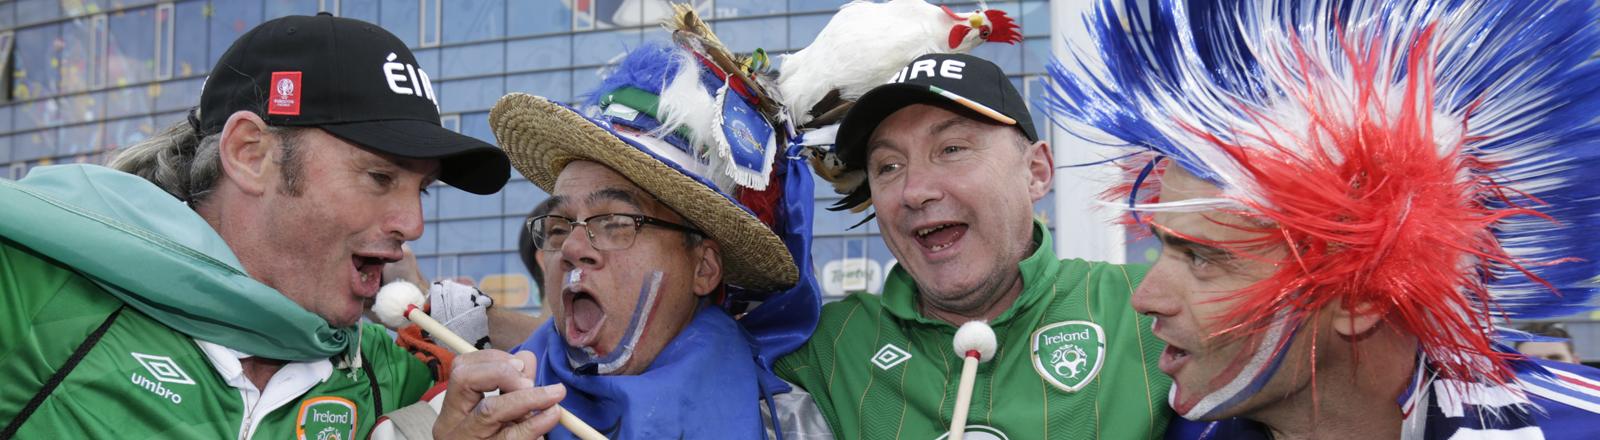 Irische und französische Fans